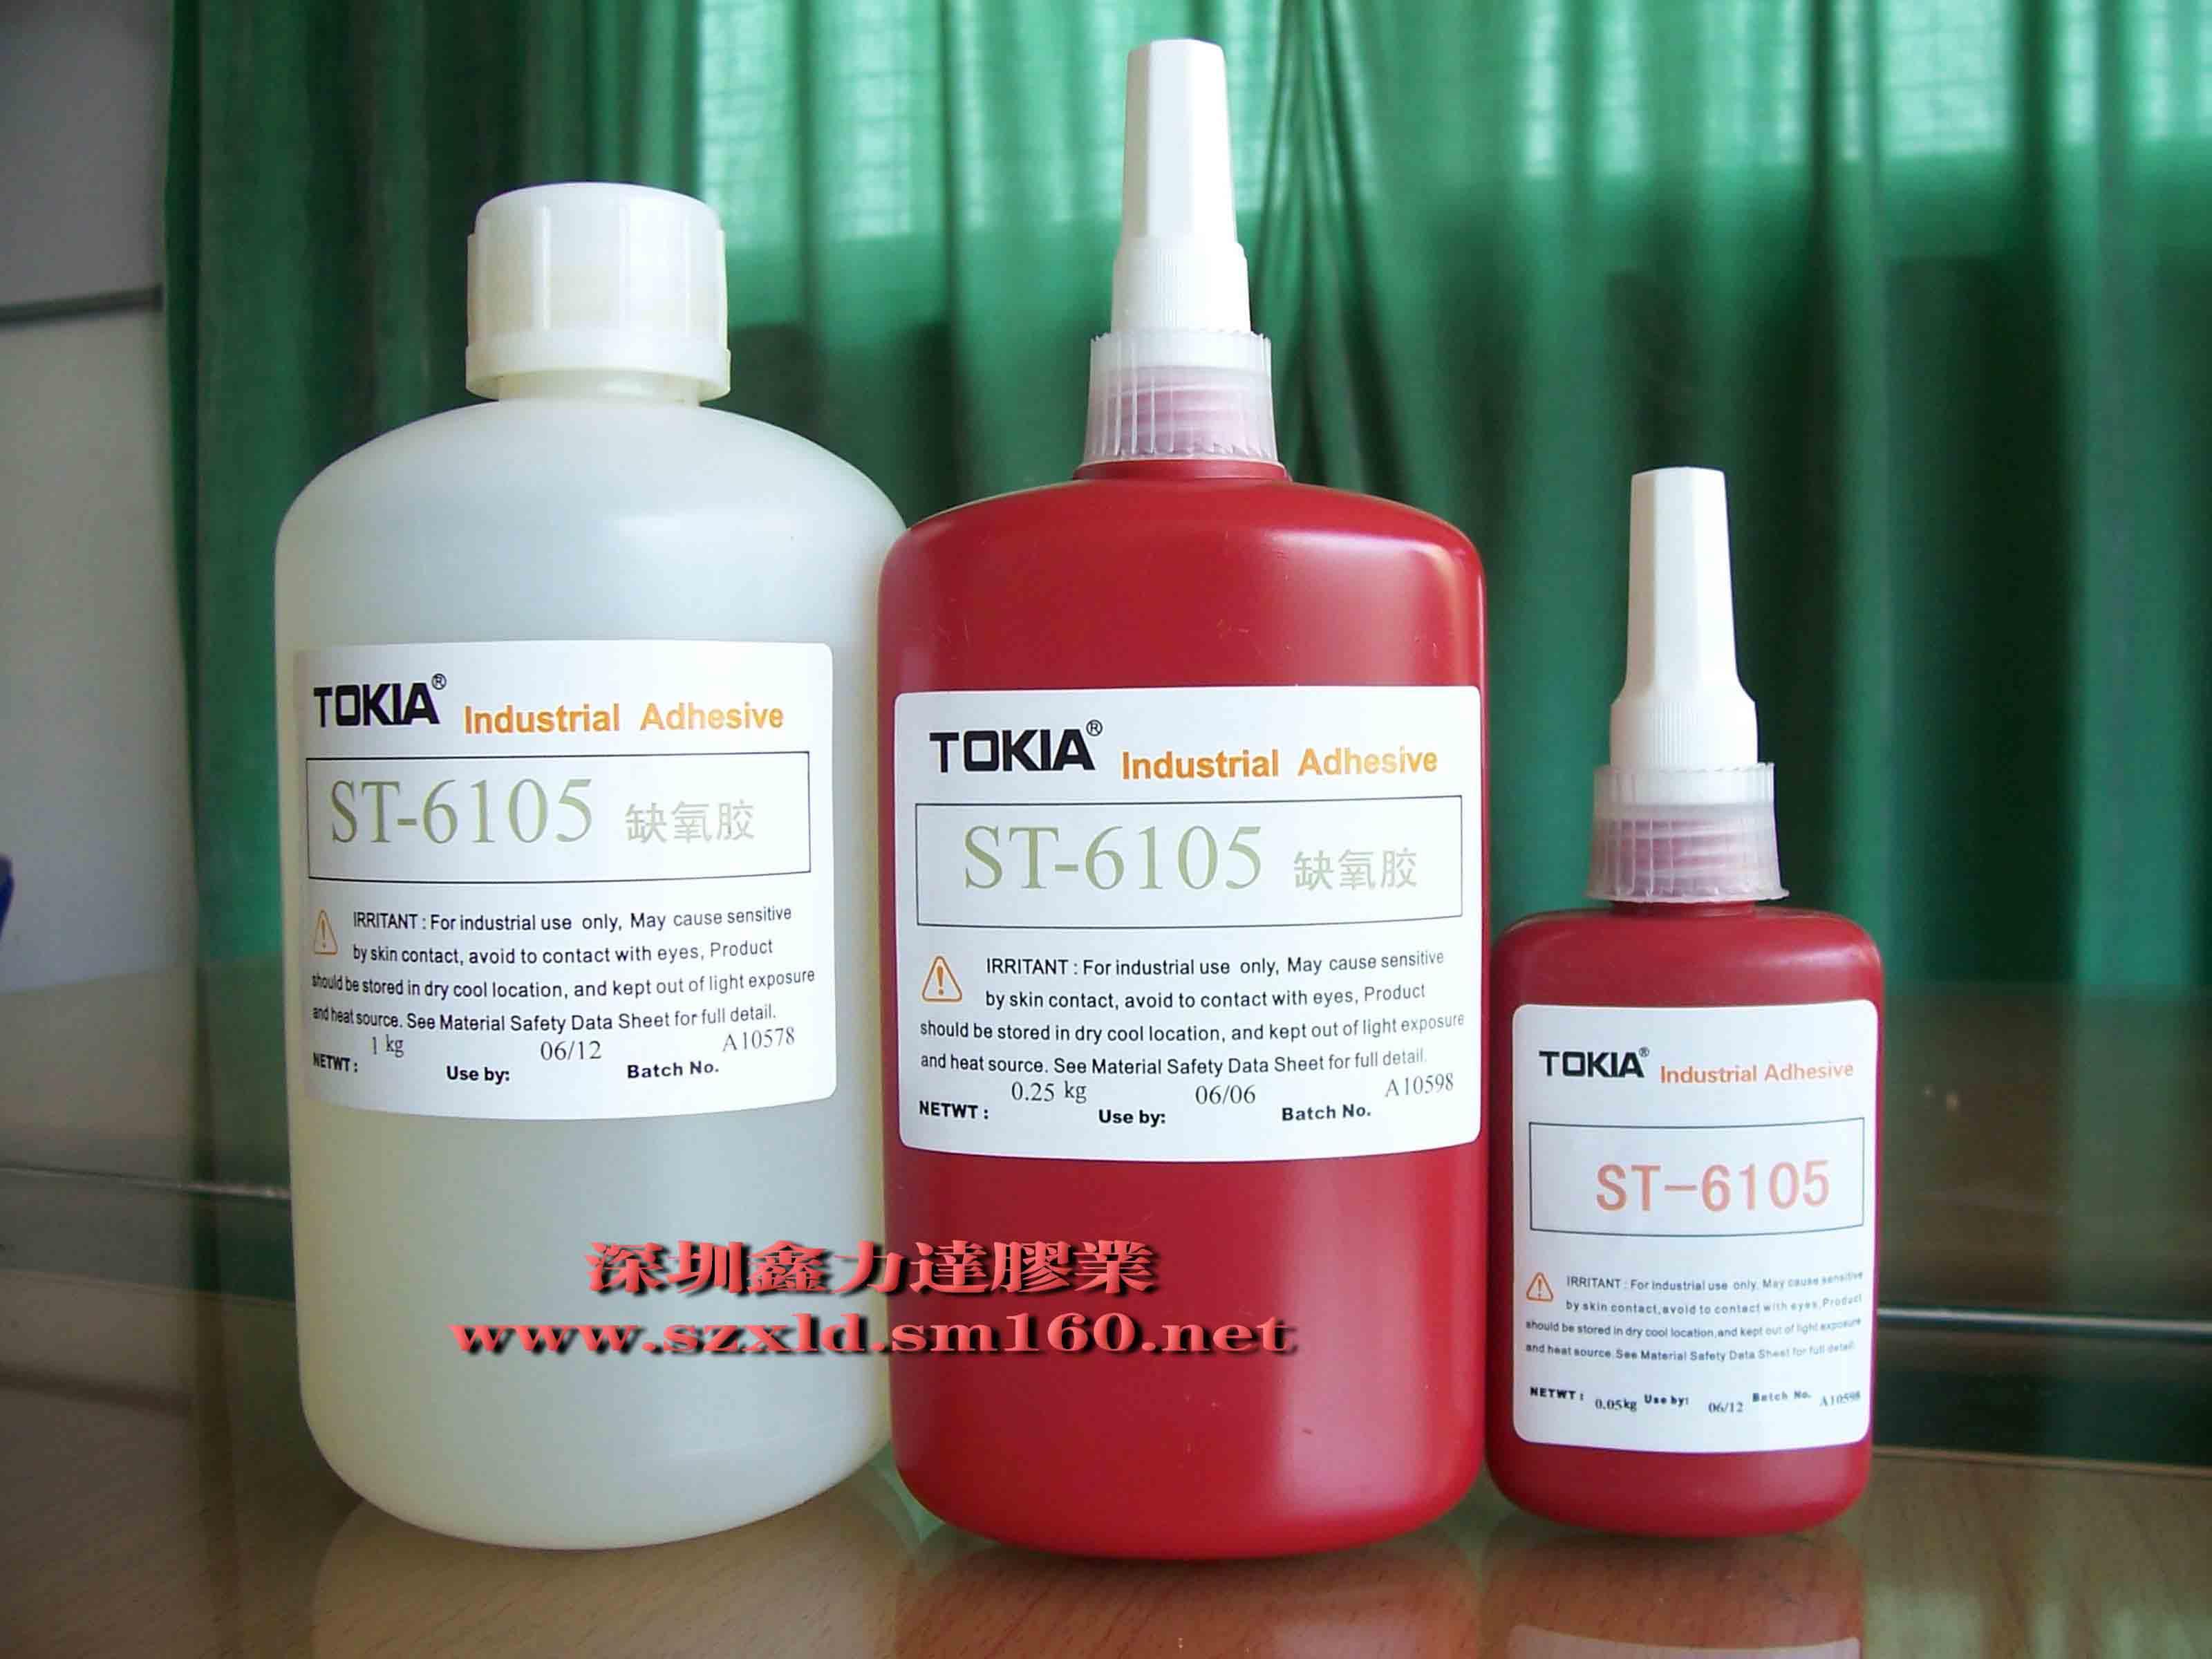 缺氧胶/螺丝固定剂/厌氧胶